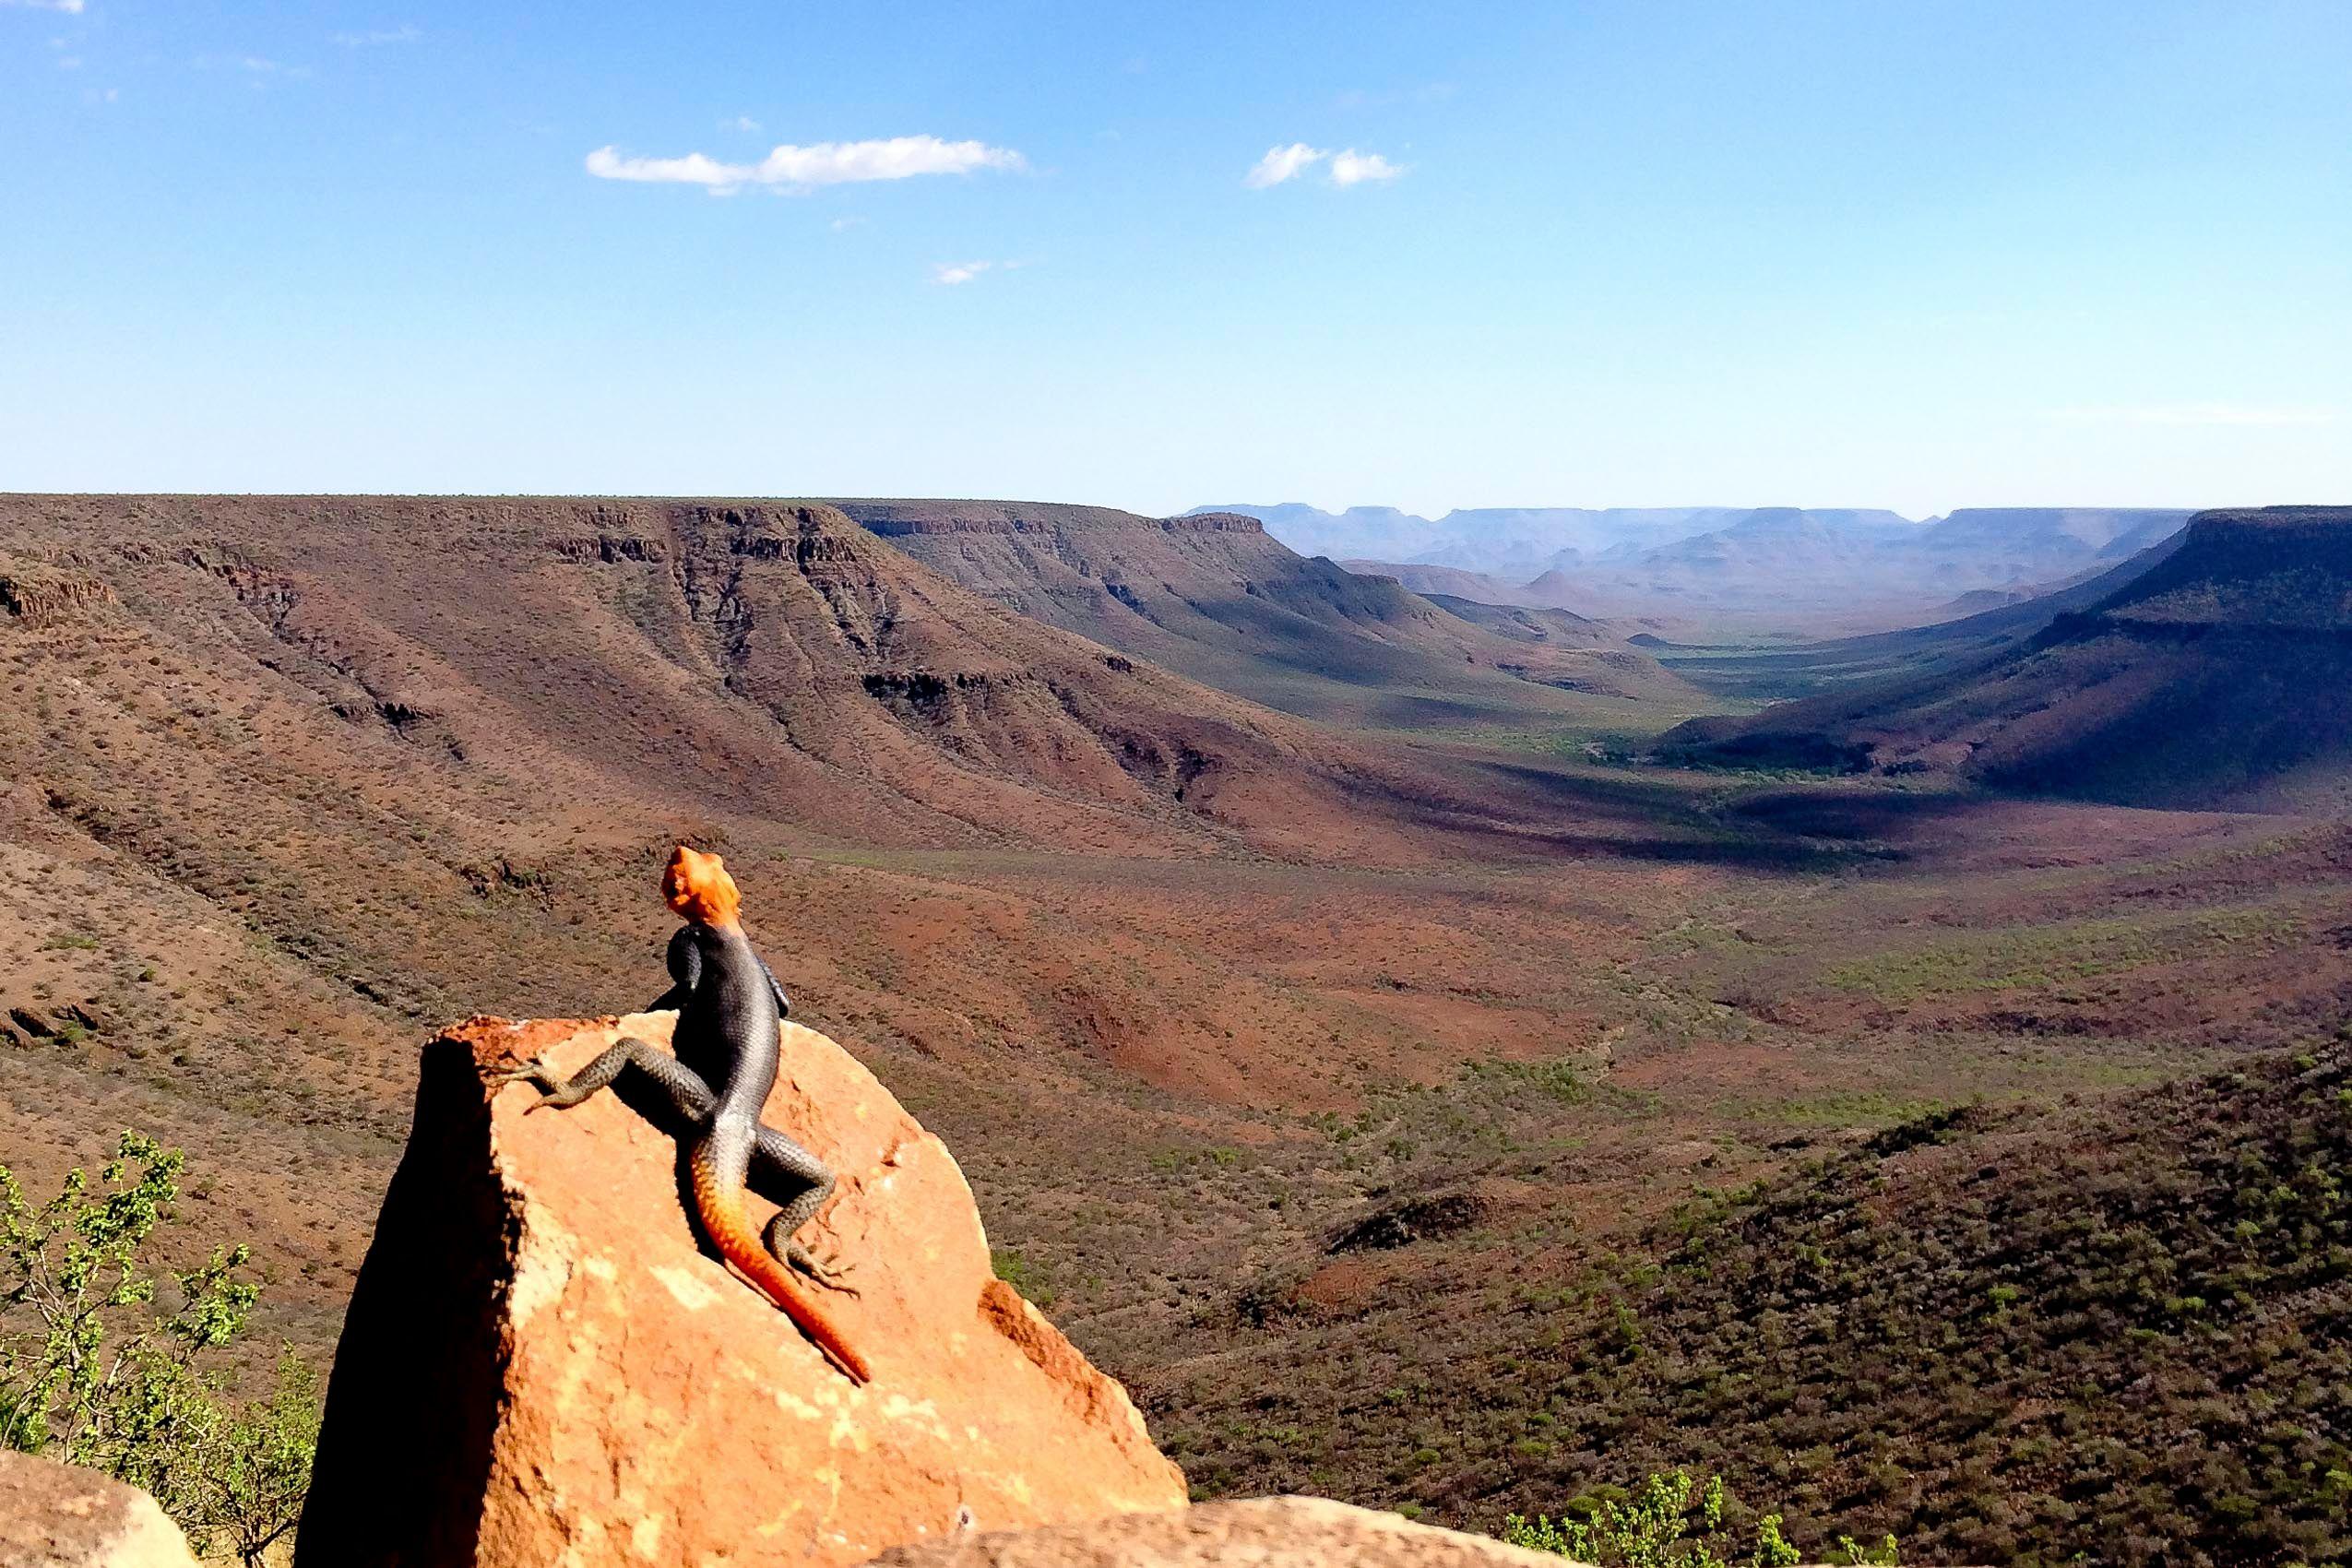 namibia_grootberg_lodge_damaraland_view.jpg